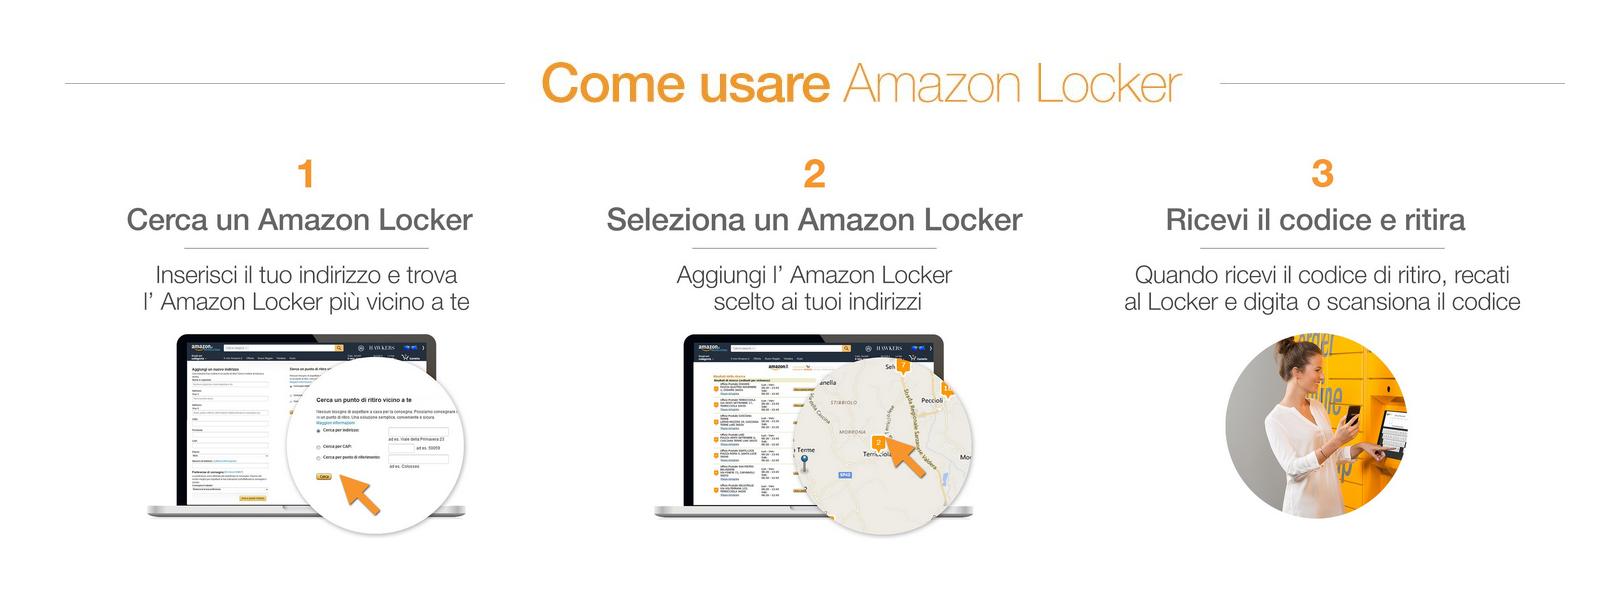 Amazon locker come funziona